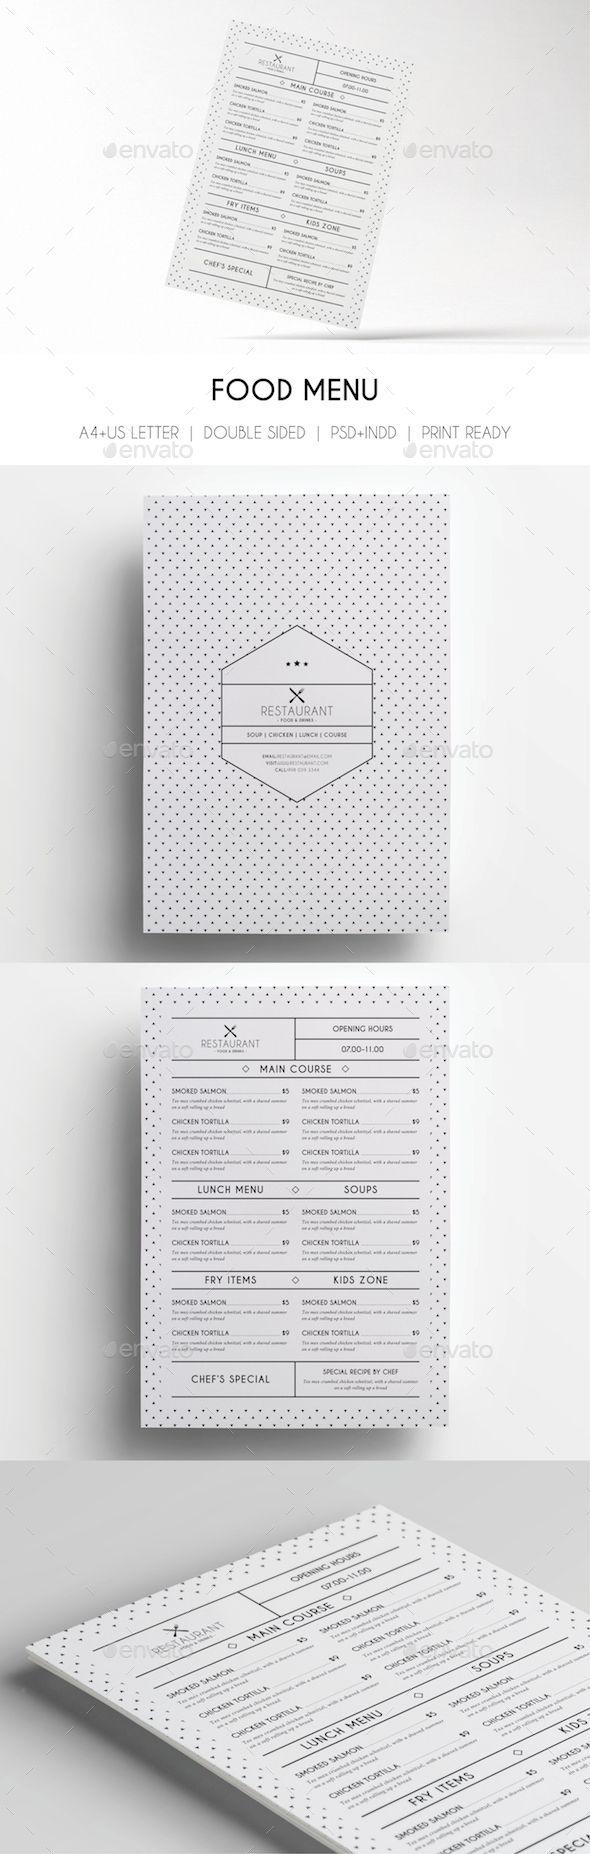 Minimal Menu Template - Food Menus Print Templates                                                                                                                                                                                 More